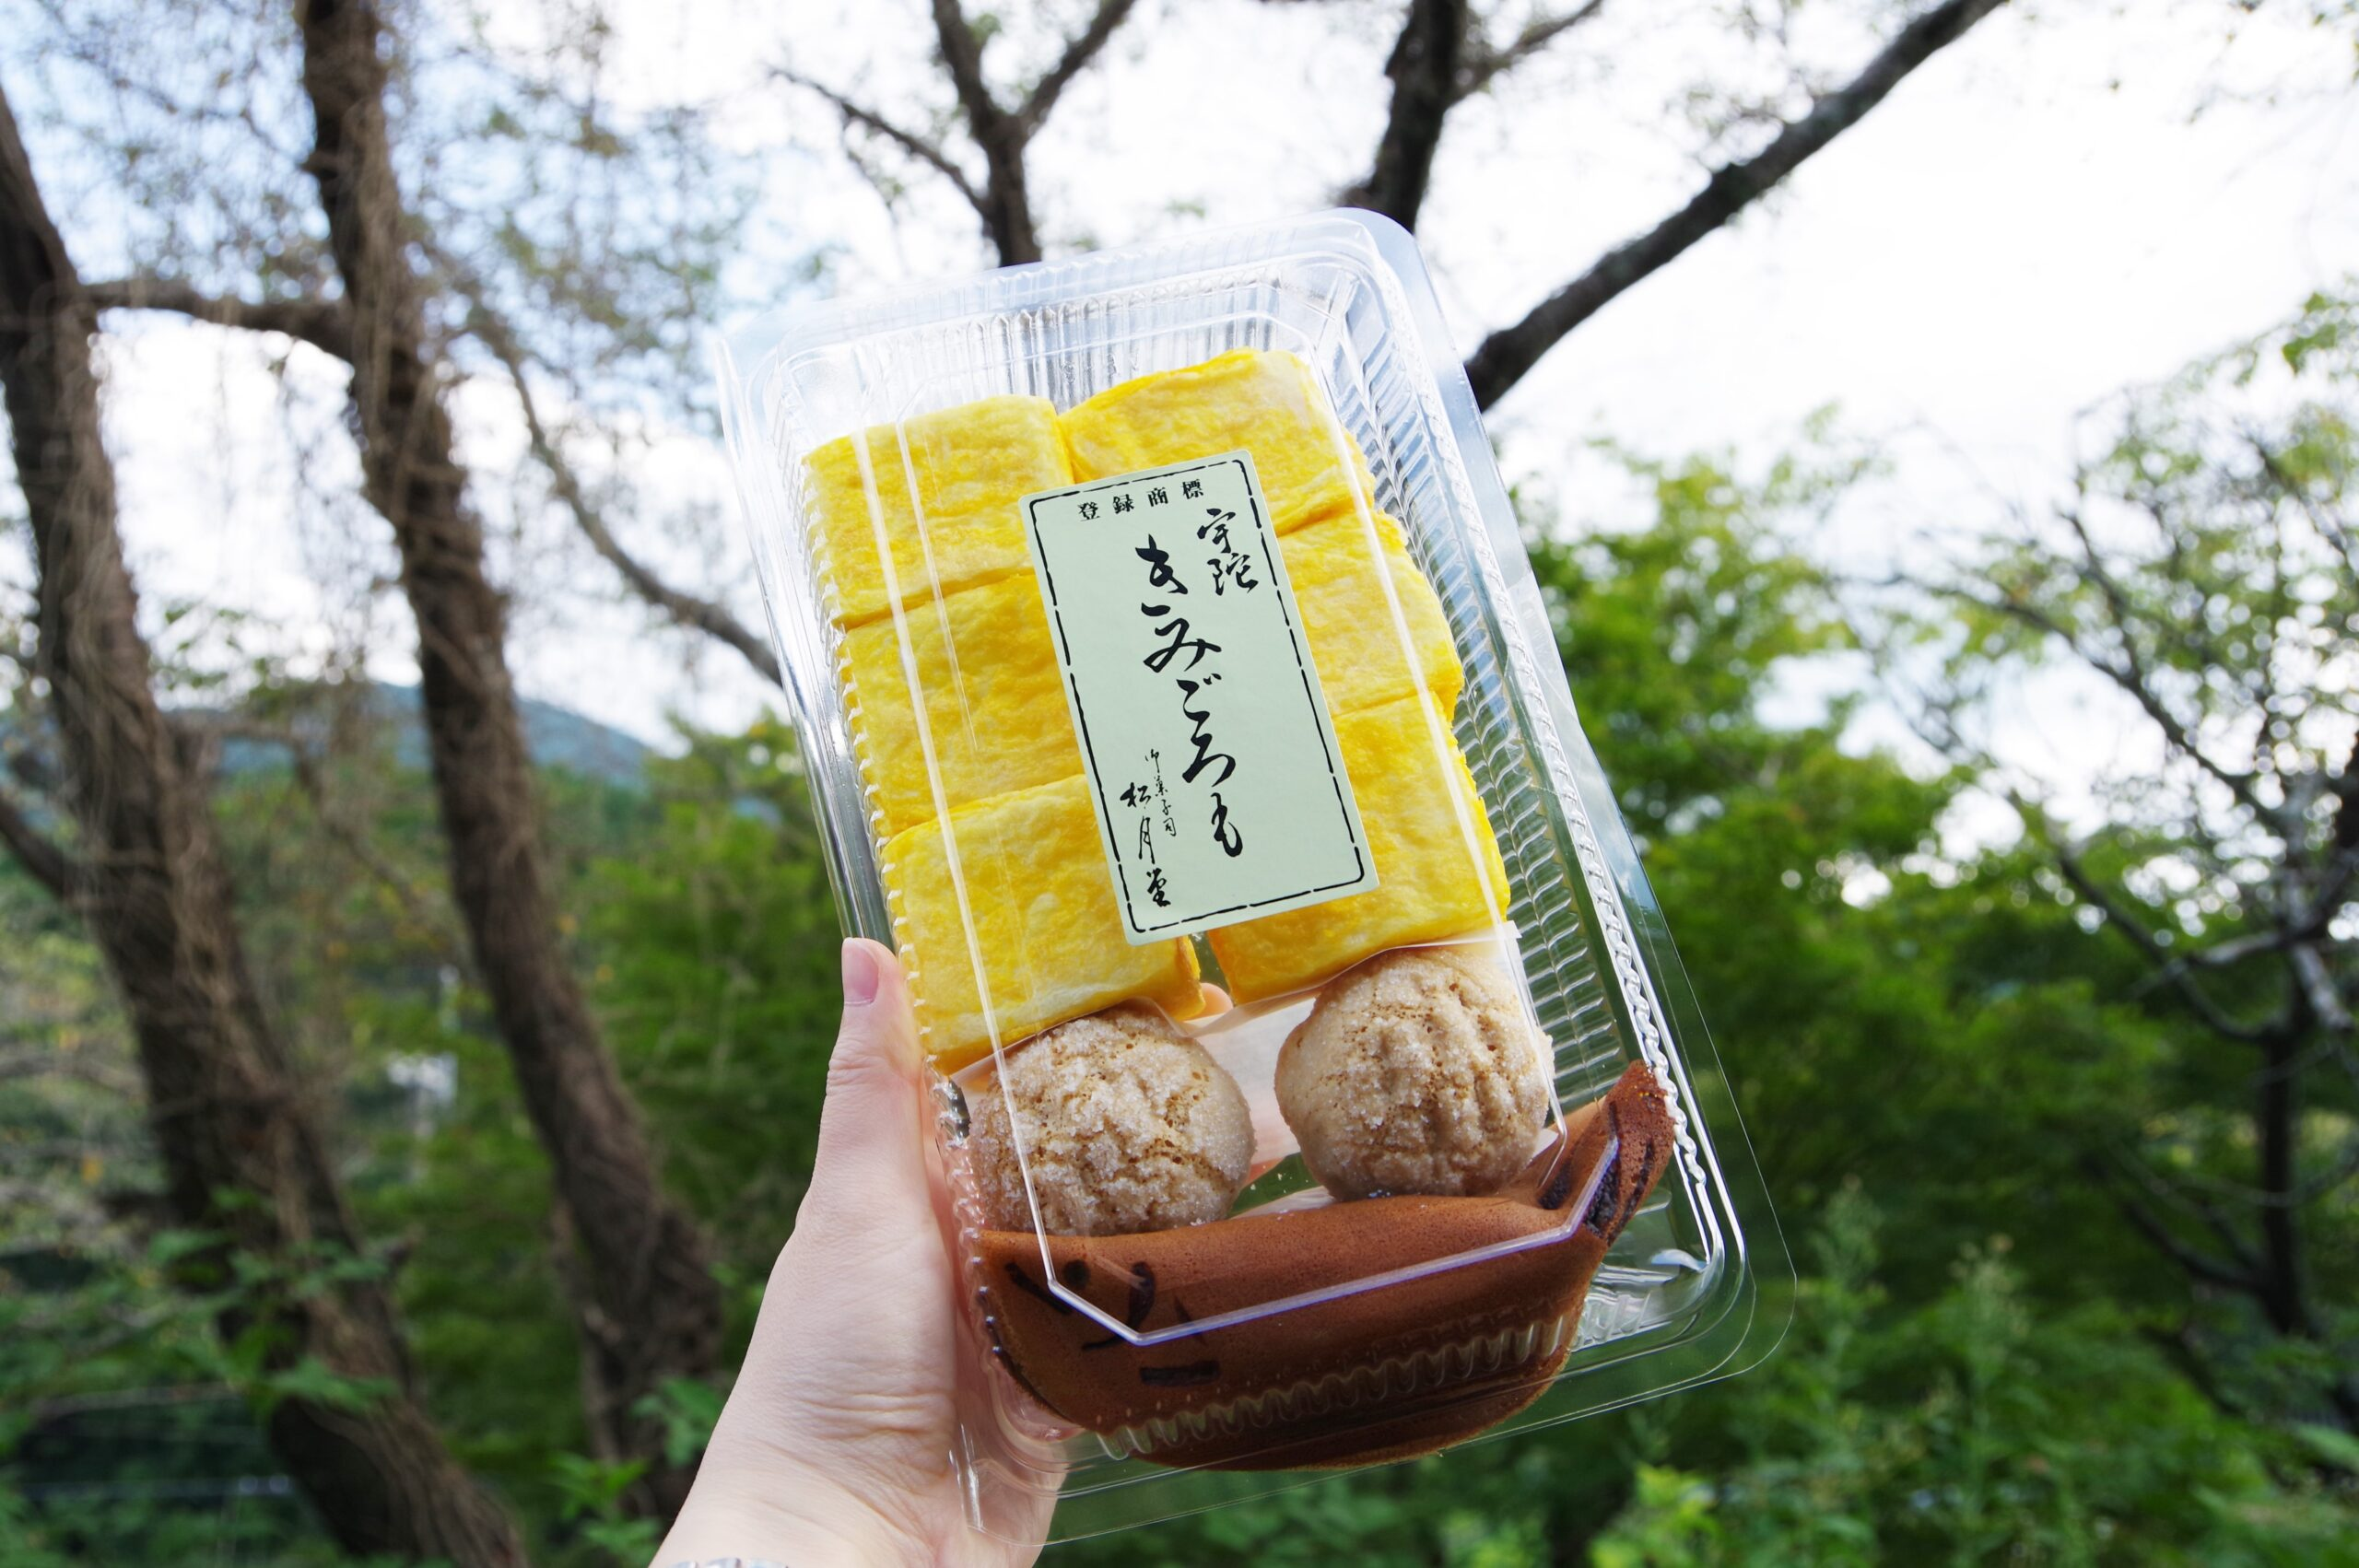 「銘菓きみごろも本舗 松月堂」@奈良県宇陀市 ~スフレな和菓子~